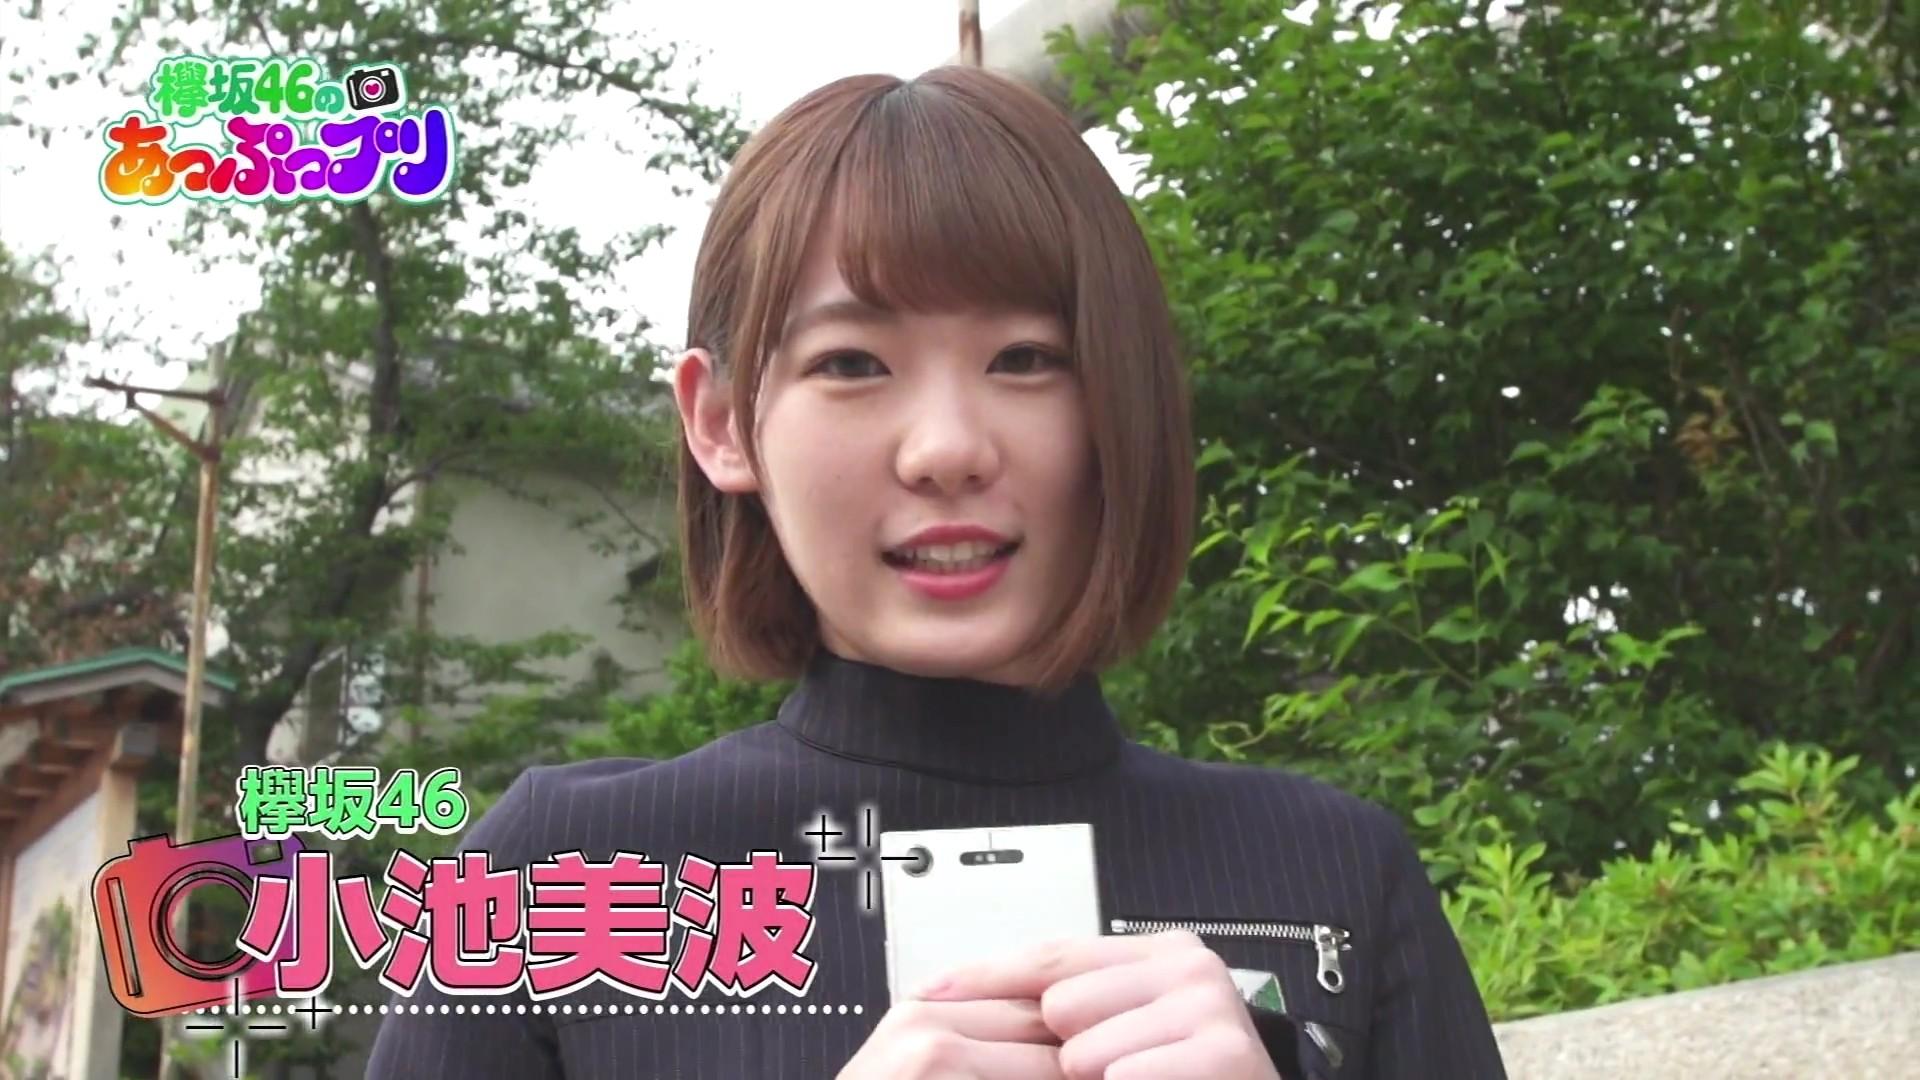 欅坂46 小池美波「欅坂46のあっぷっプリ」19  fumi Diary 2号店